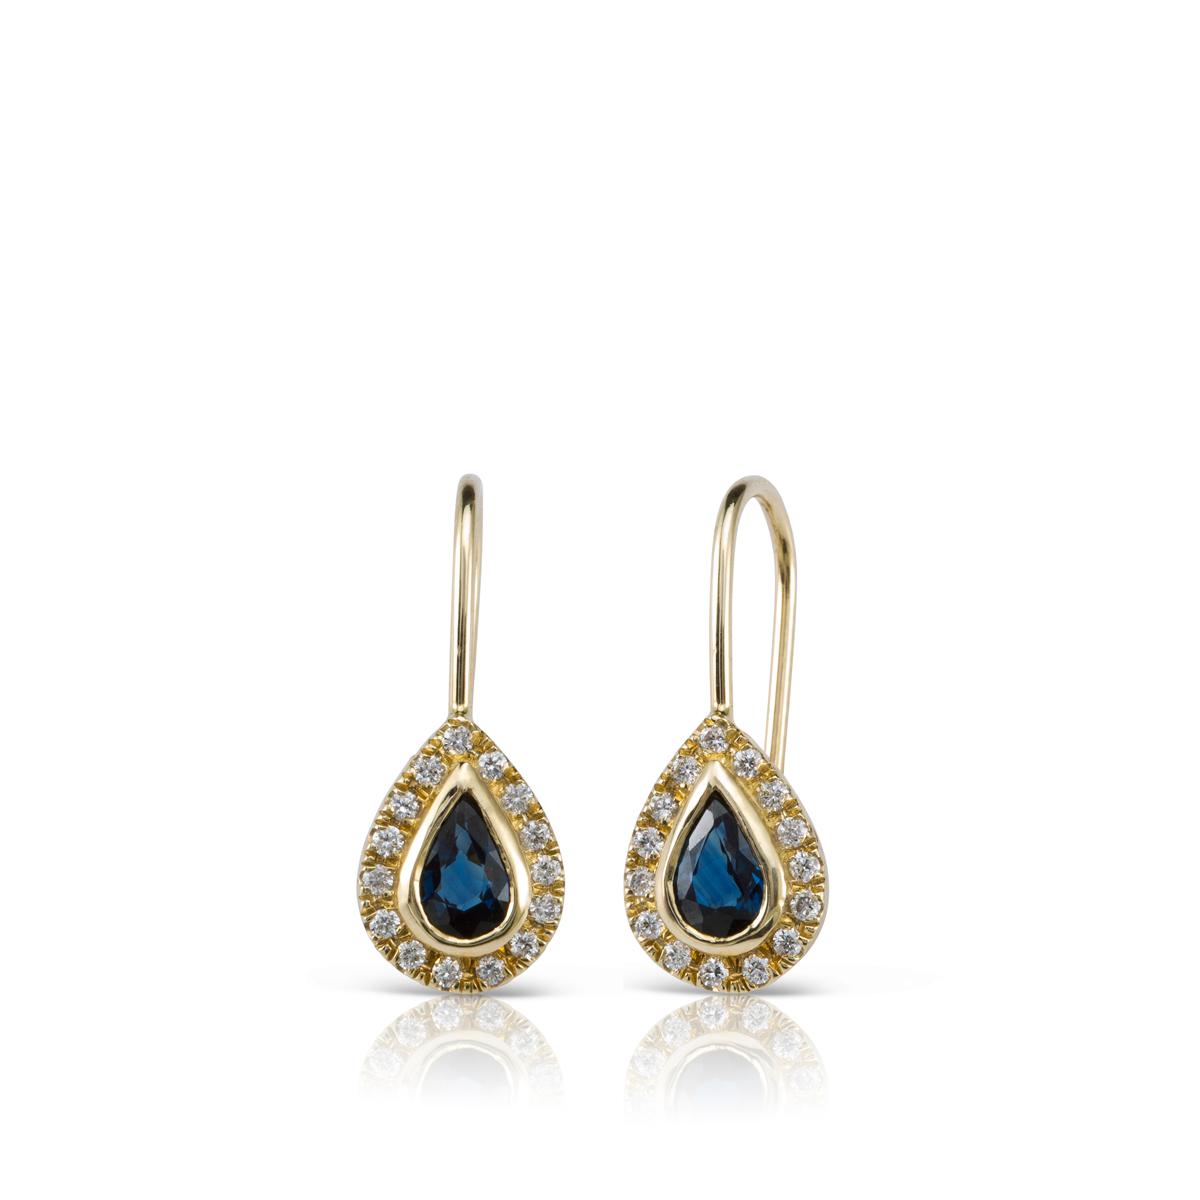 עגילי זהב תלויים משובצים ספיר כחול ויהלומים